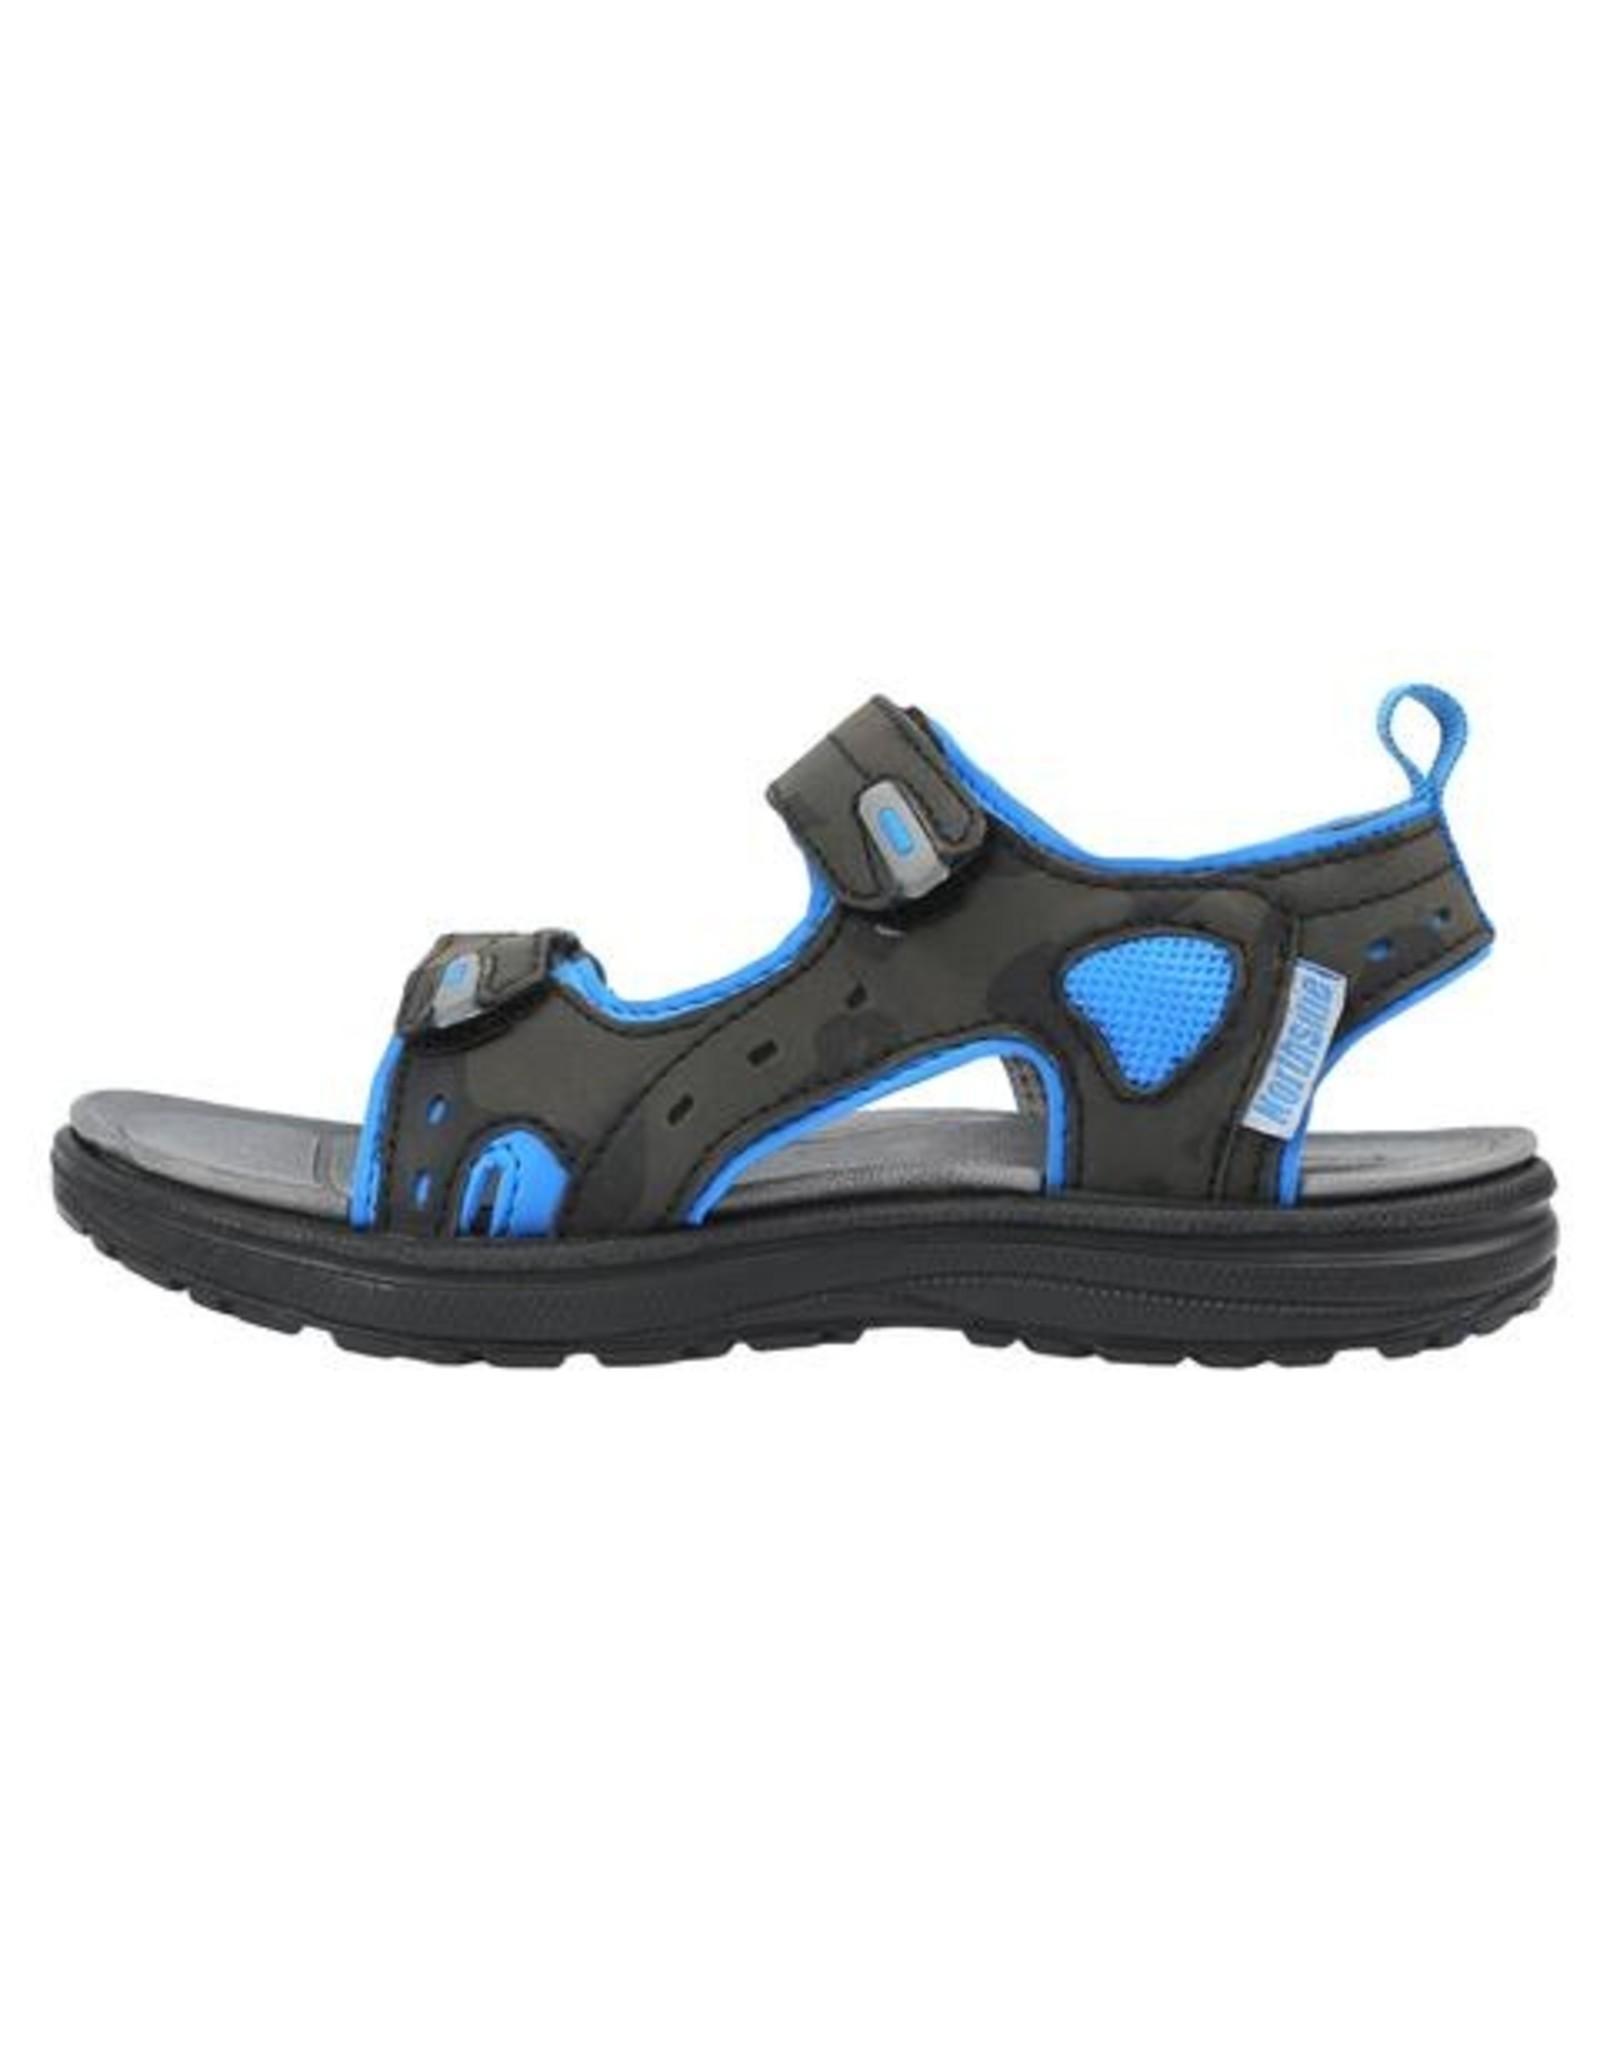 Northside Kids Riverside II Open Toe Sport Sandal